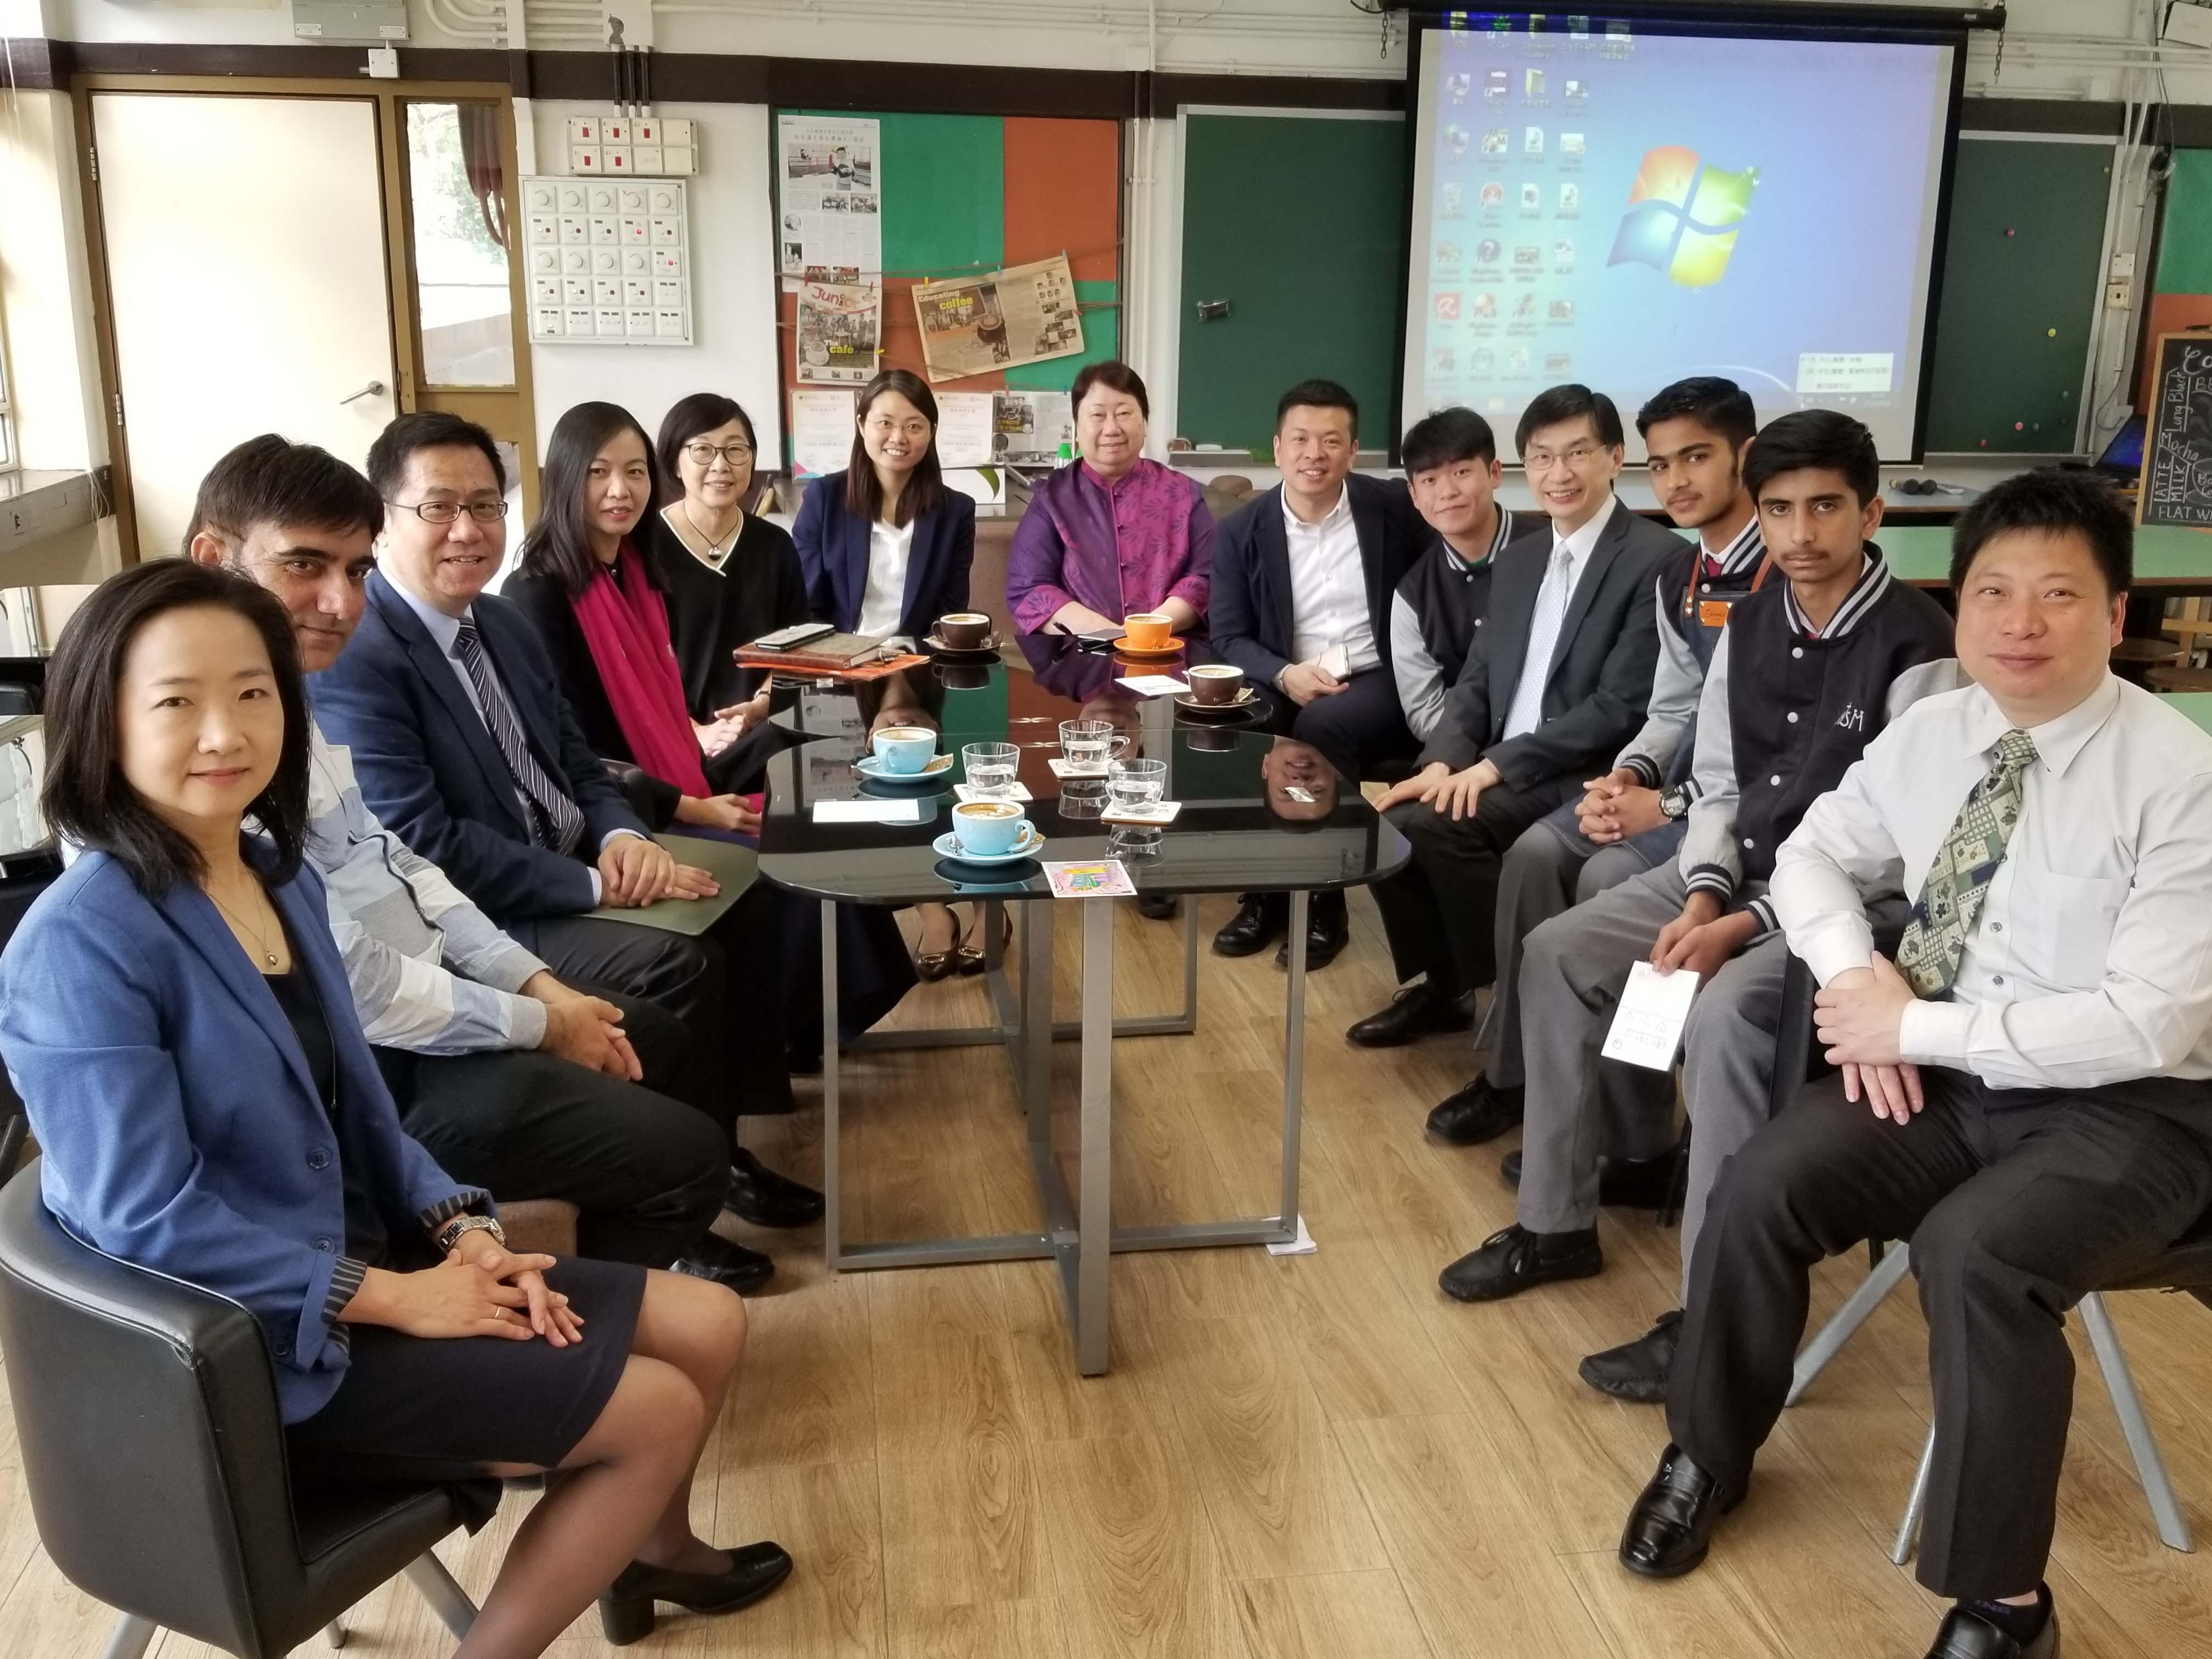 天主教慈幼會伍少梅中學的蔡海偉先生來訪相片5